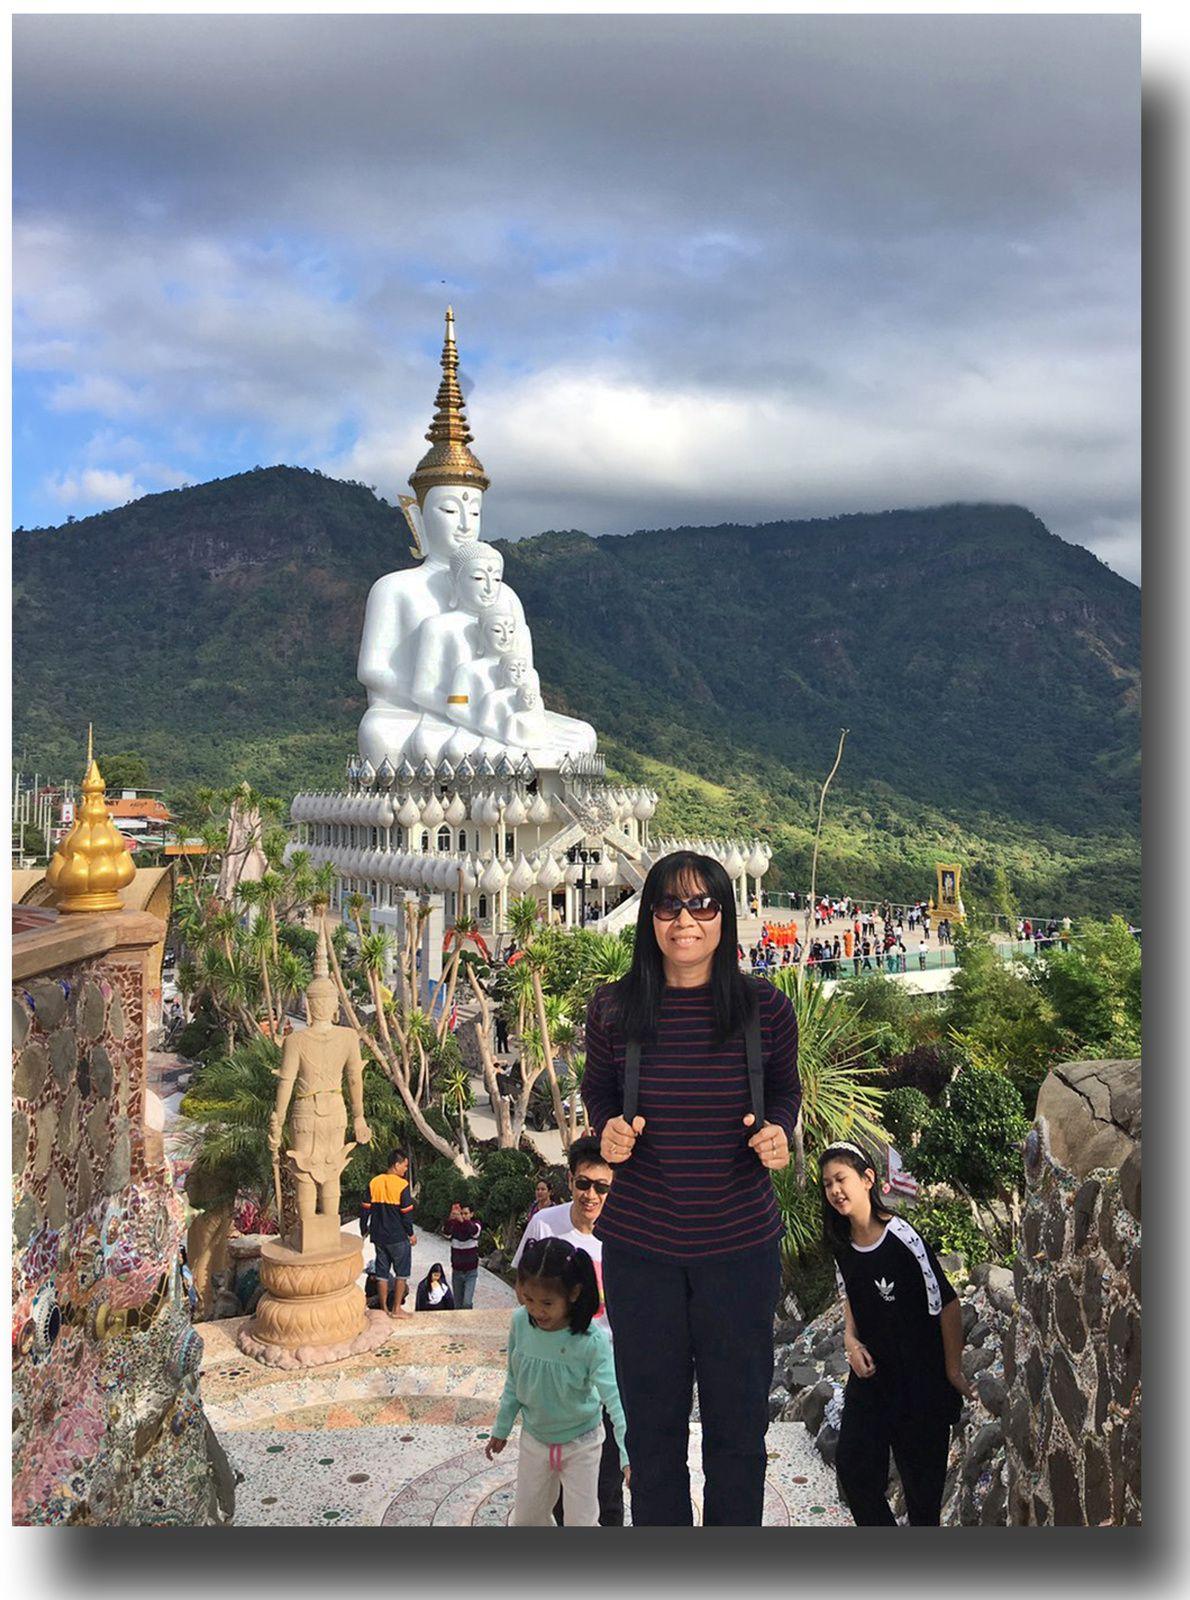 L'un des plus beaux temples de Thaïlande Wat Phasorn Kaew